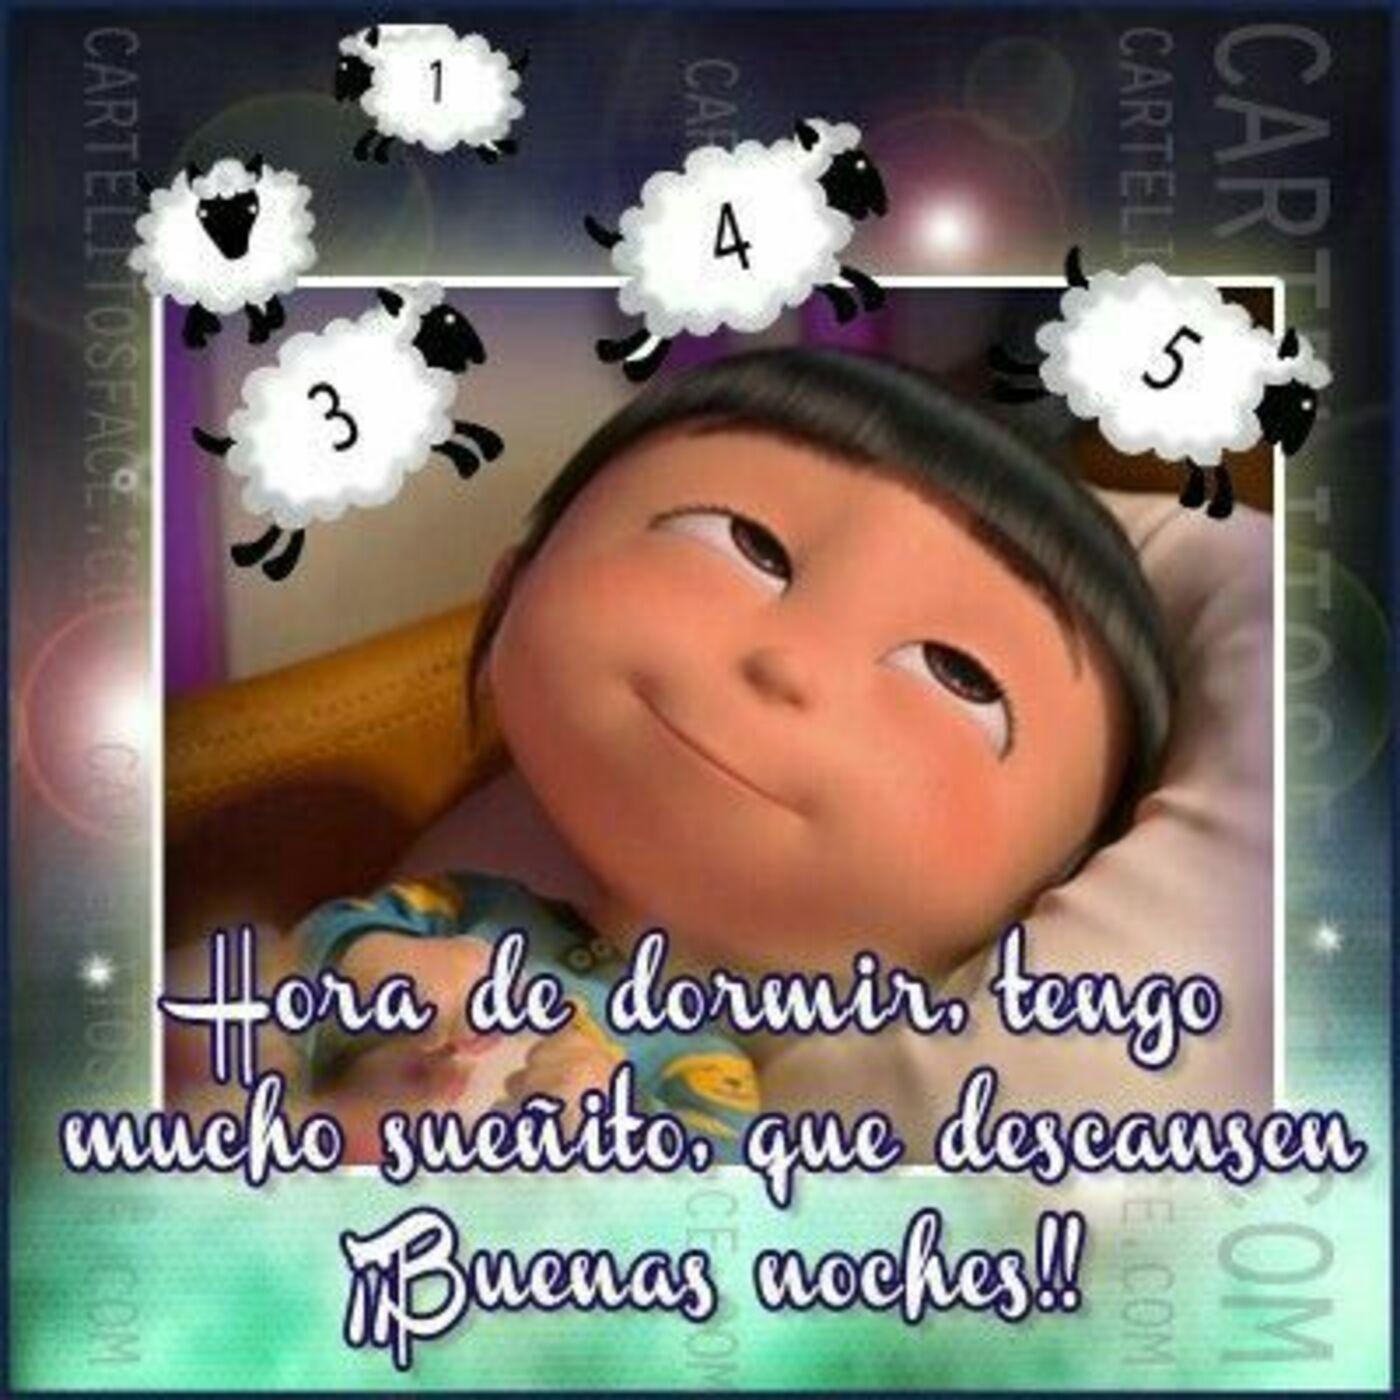 Hora de dormir, tengo mucho sueñito, que descansen!! Buenas Noches!